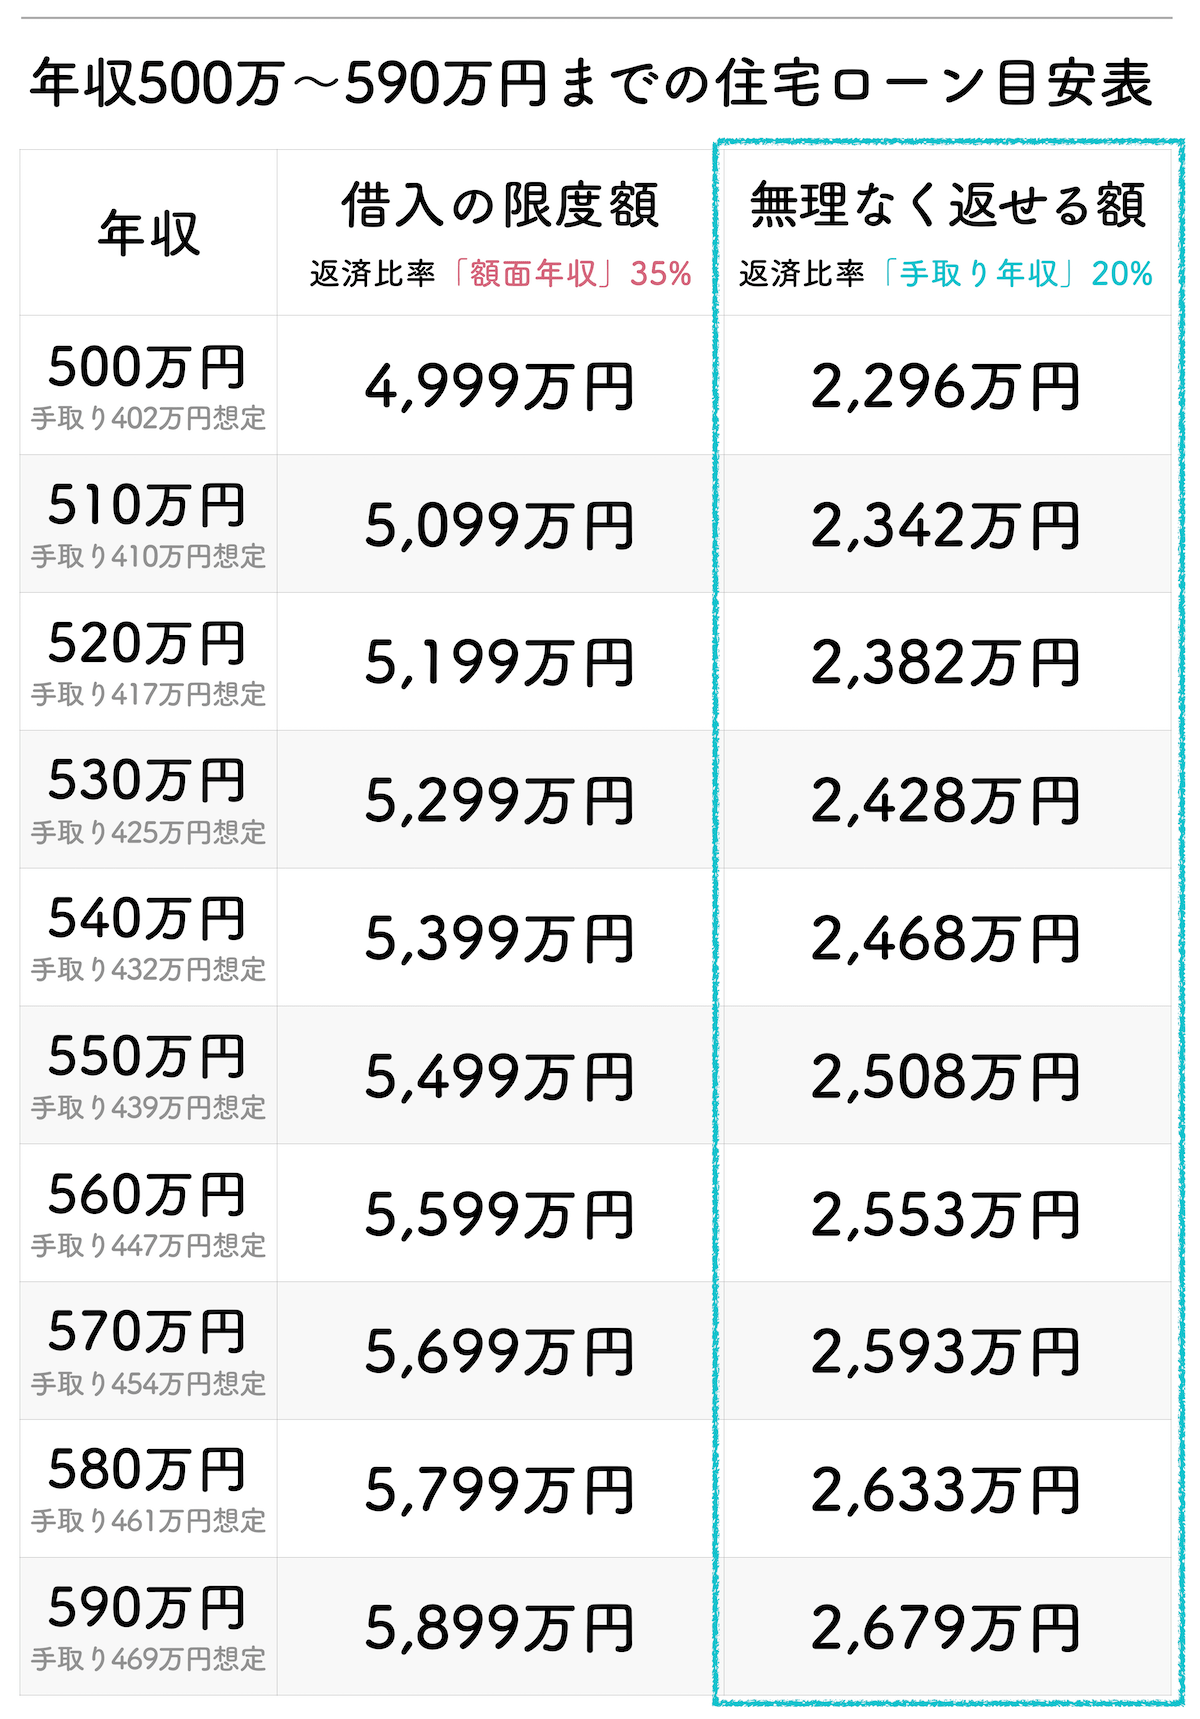 年収500万円〜590万円までの住宅ローンの借入目安額表